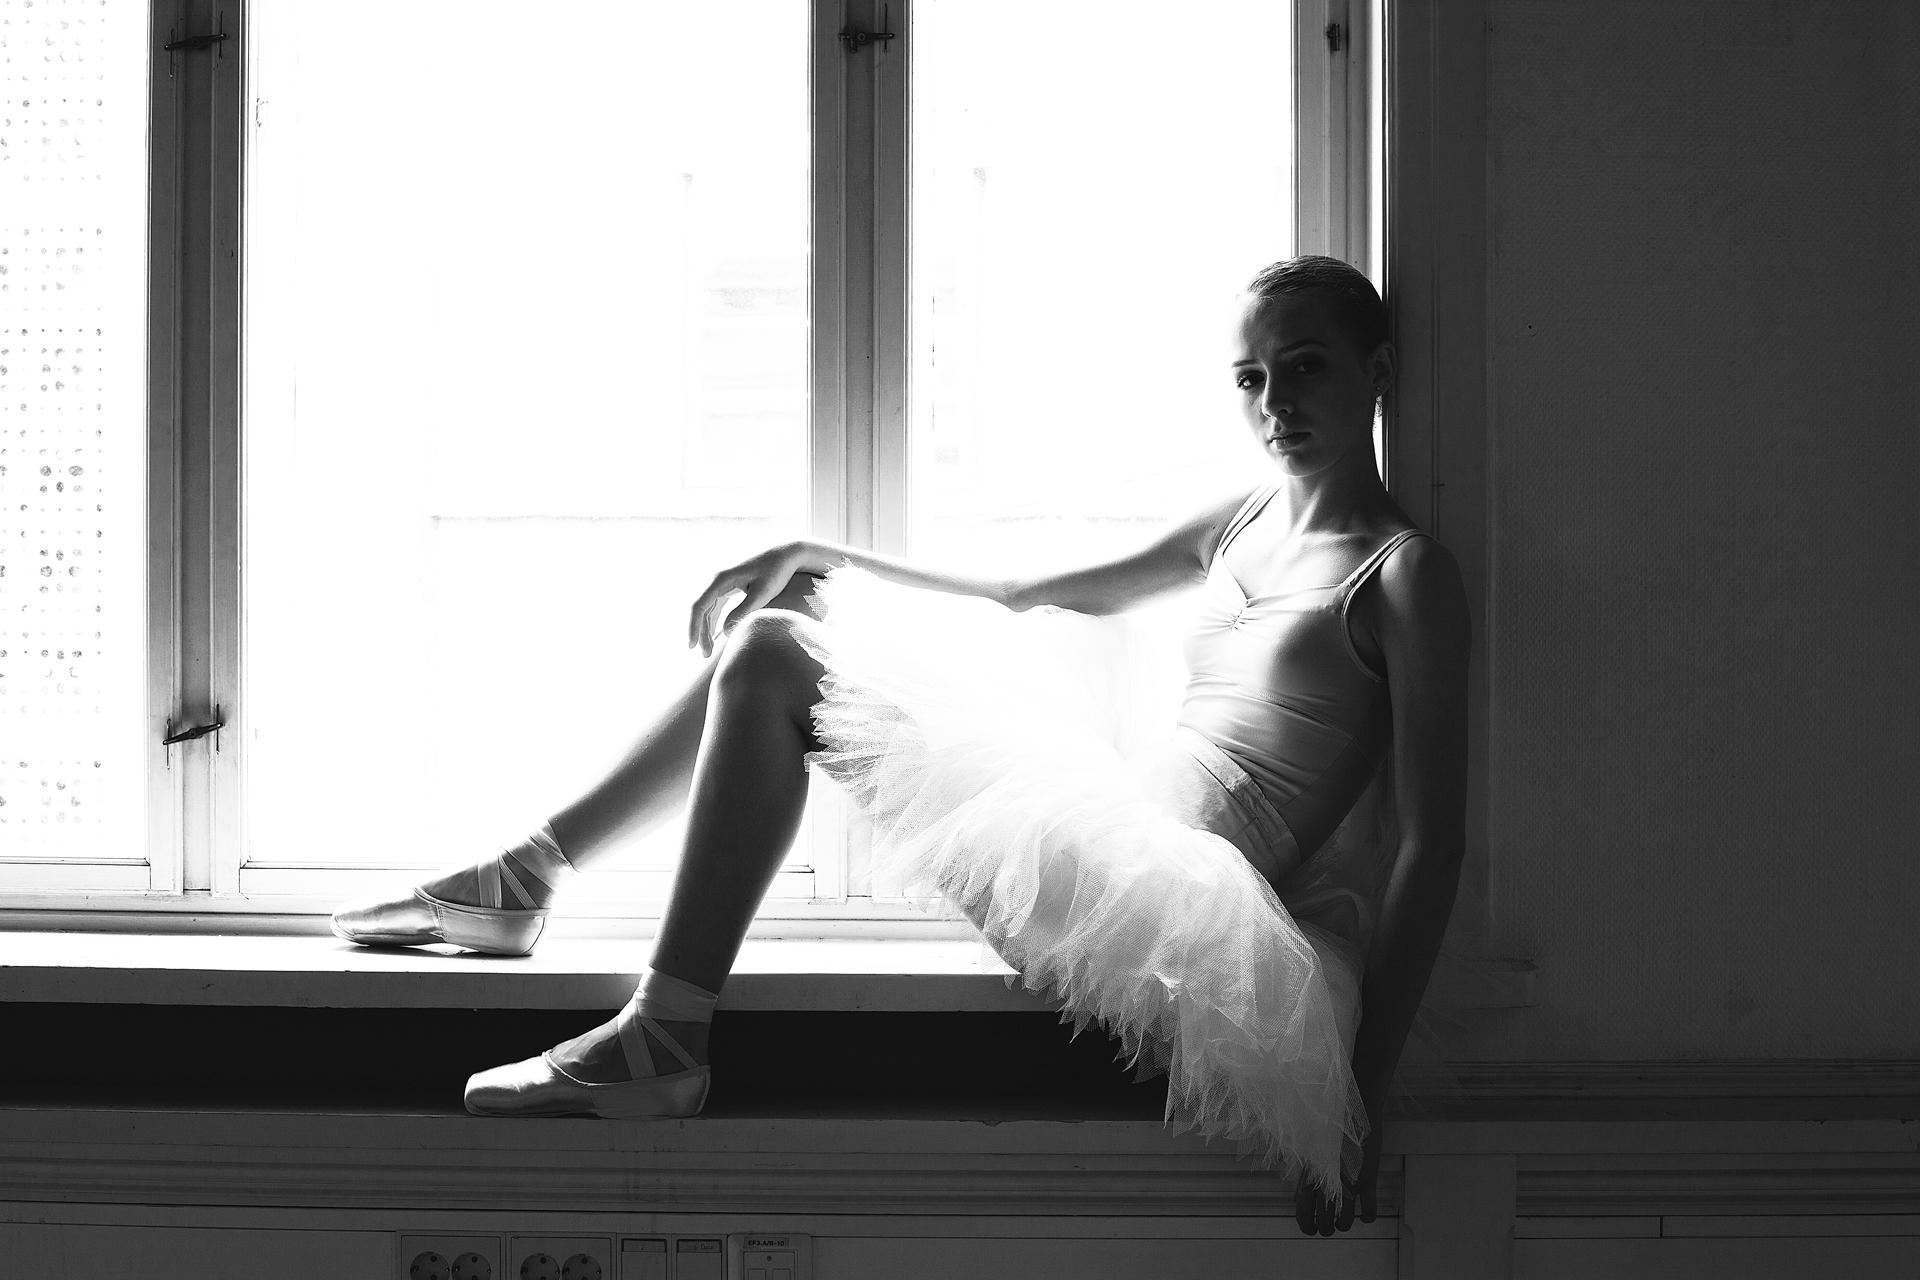 Thinking ballerina